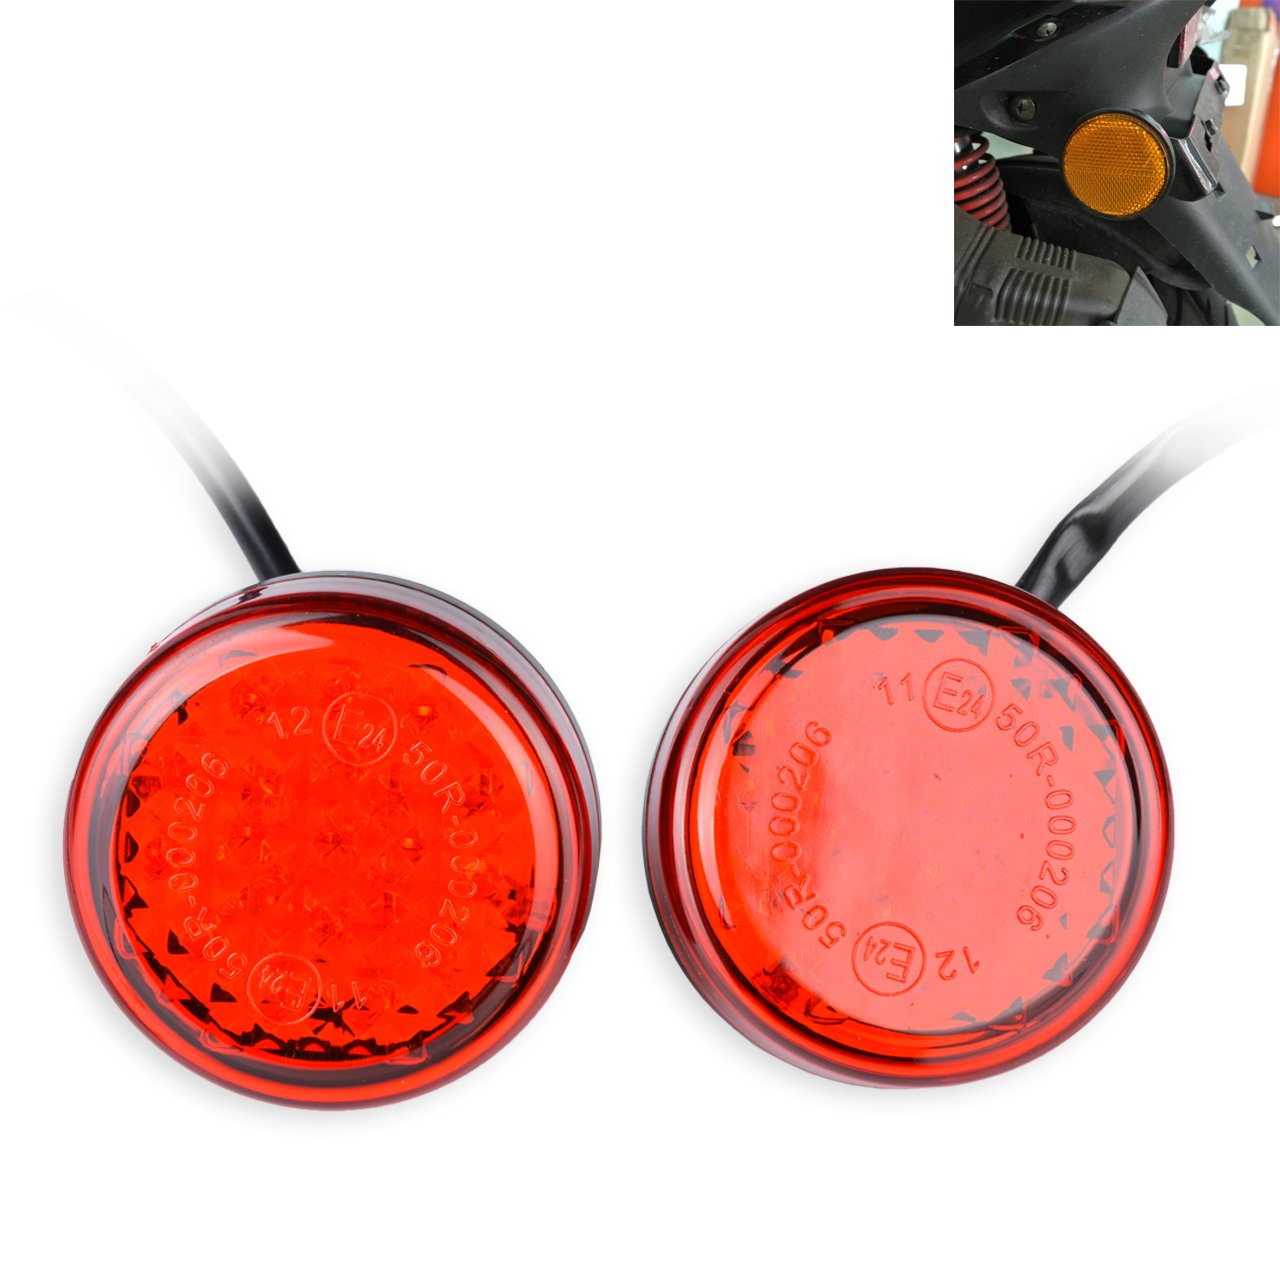 NATGIC 2 ST/ÜCKE Universal Runde Rote Linse 24 Reflektoren R/ückleuchten Bremslichter f/ür Auto Fahrzeug Lkw-anh/änger RV ATV Motorrad